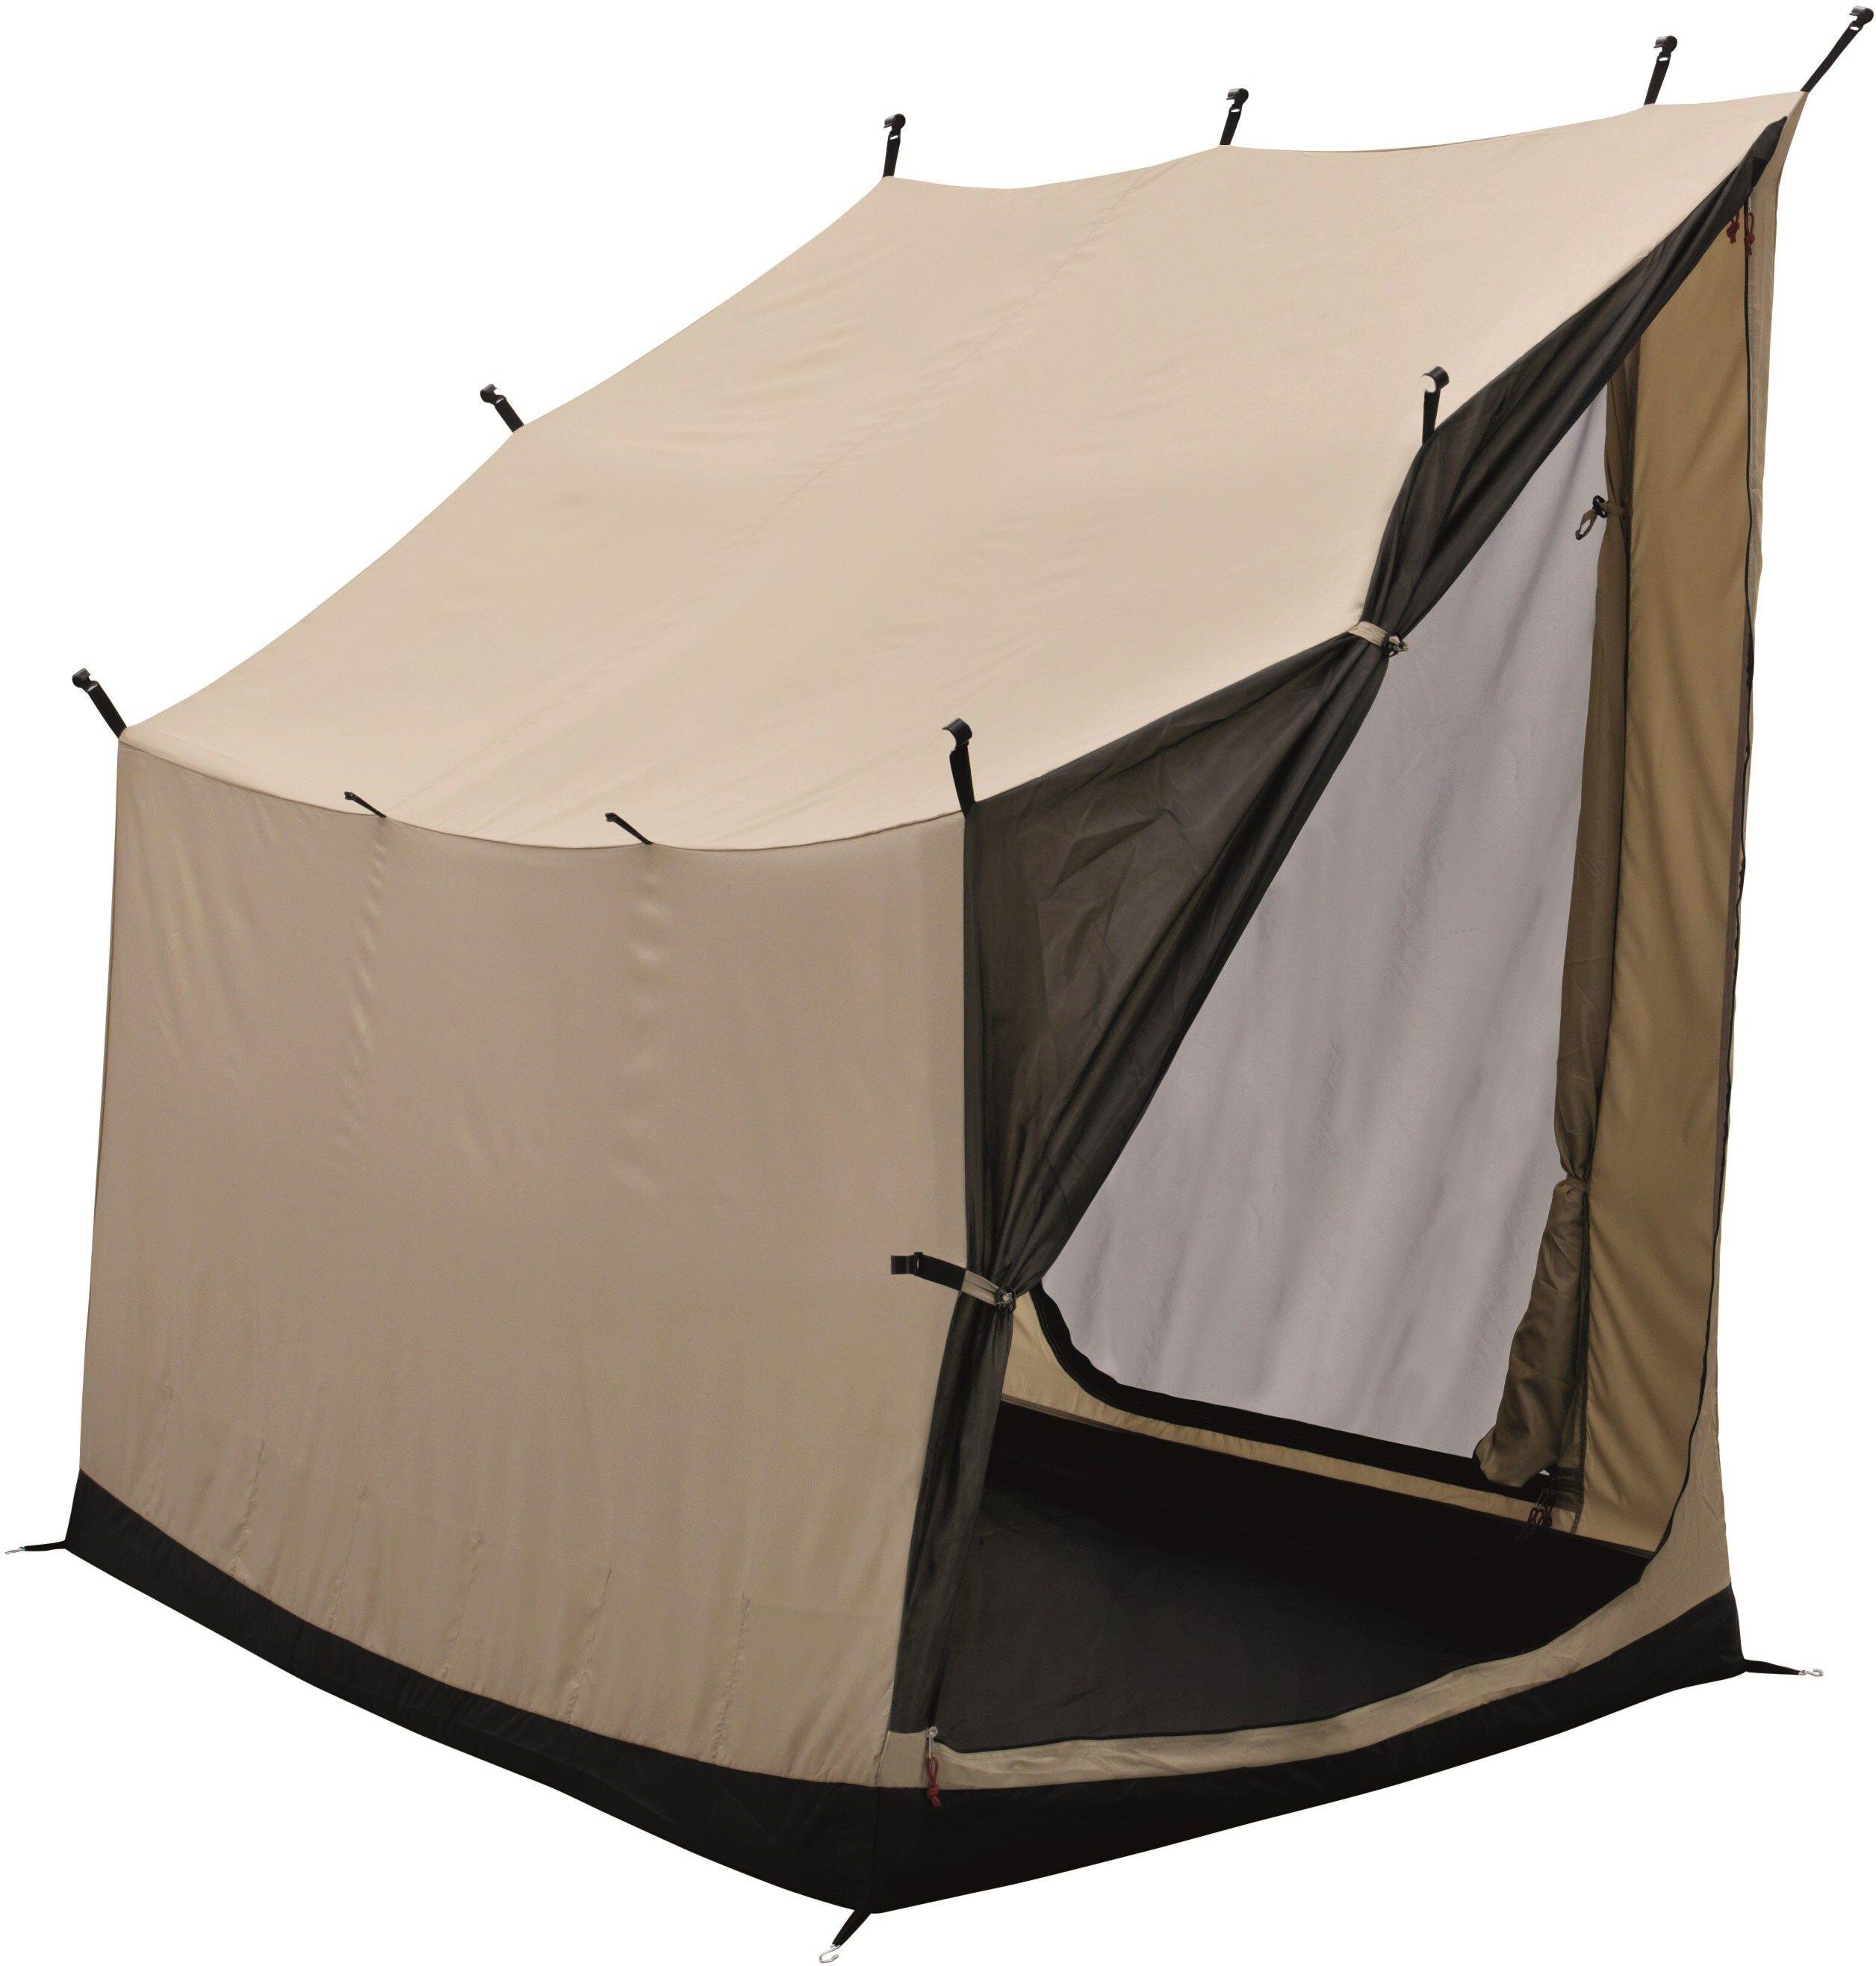 Robens Prospector Tent Accessories S beige/grey